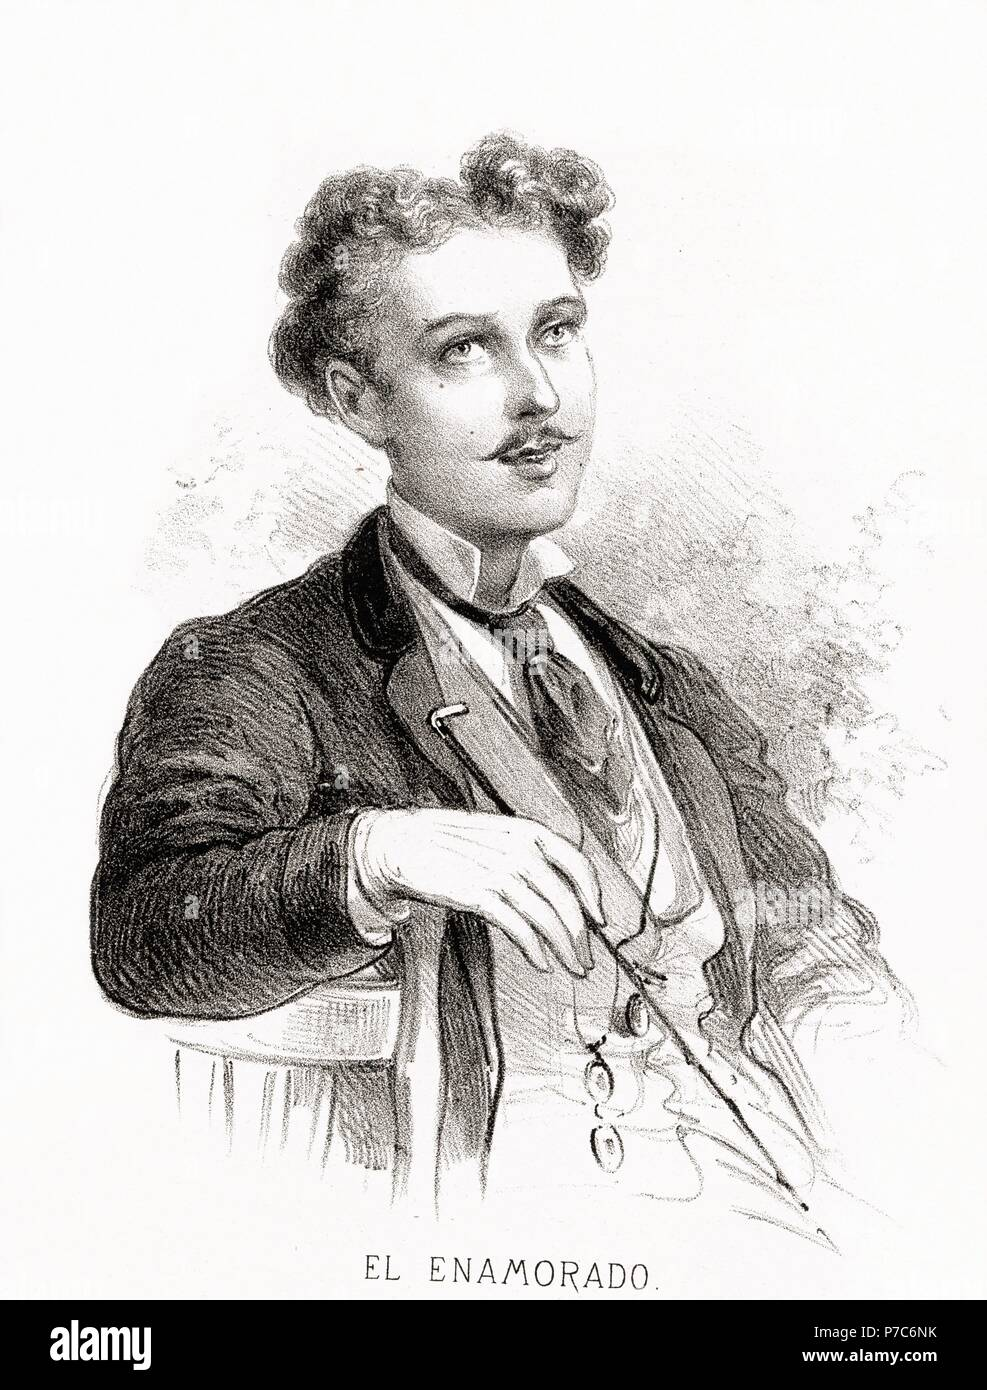 Carácteres del individuo. Hombre enamorado. Grabado de 1870. Stock Photo